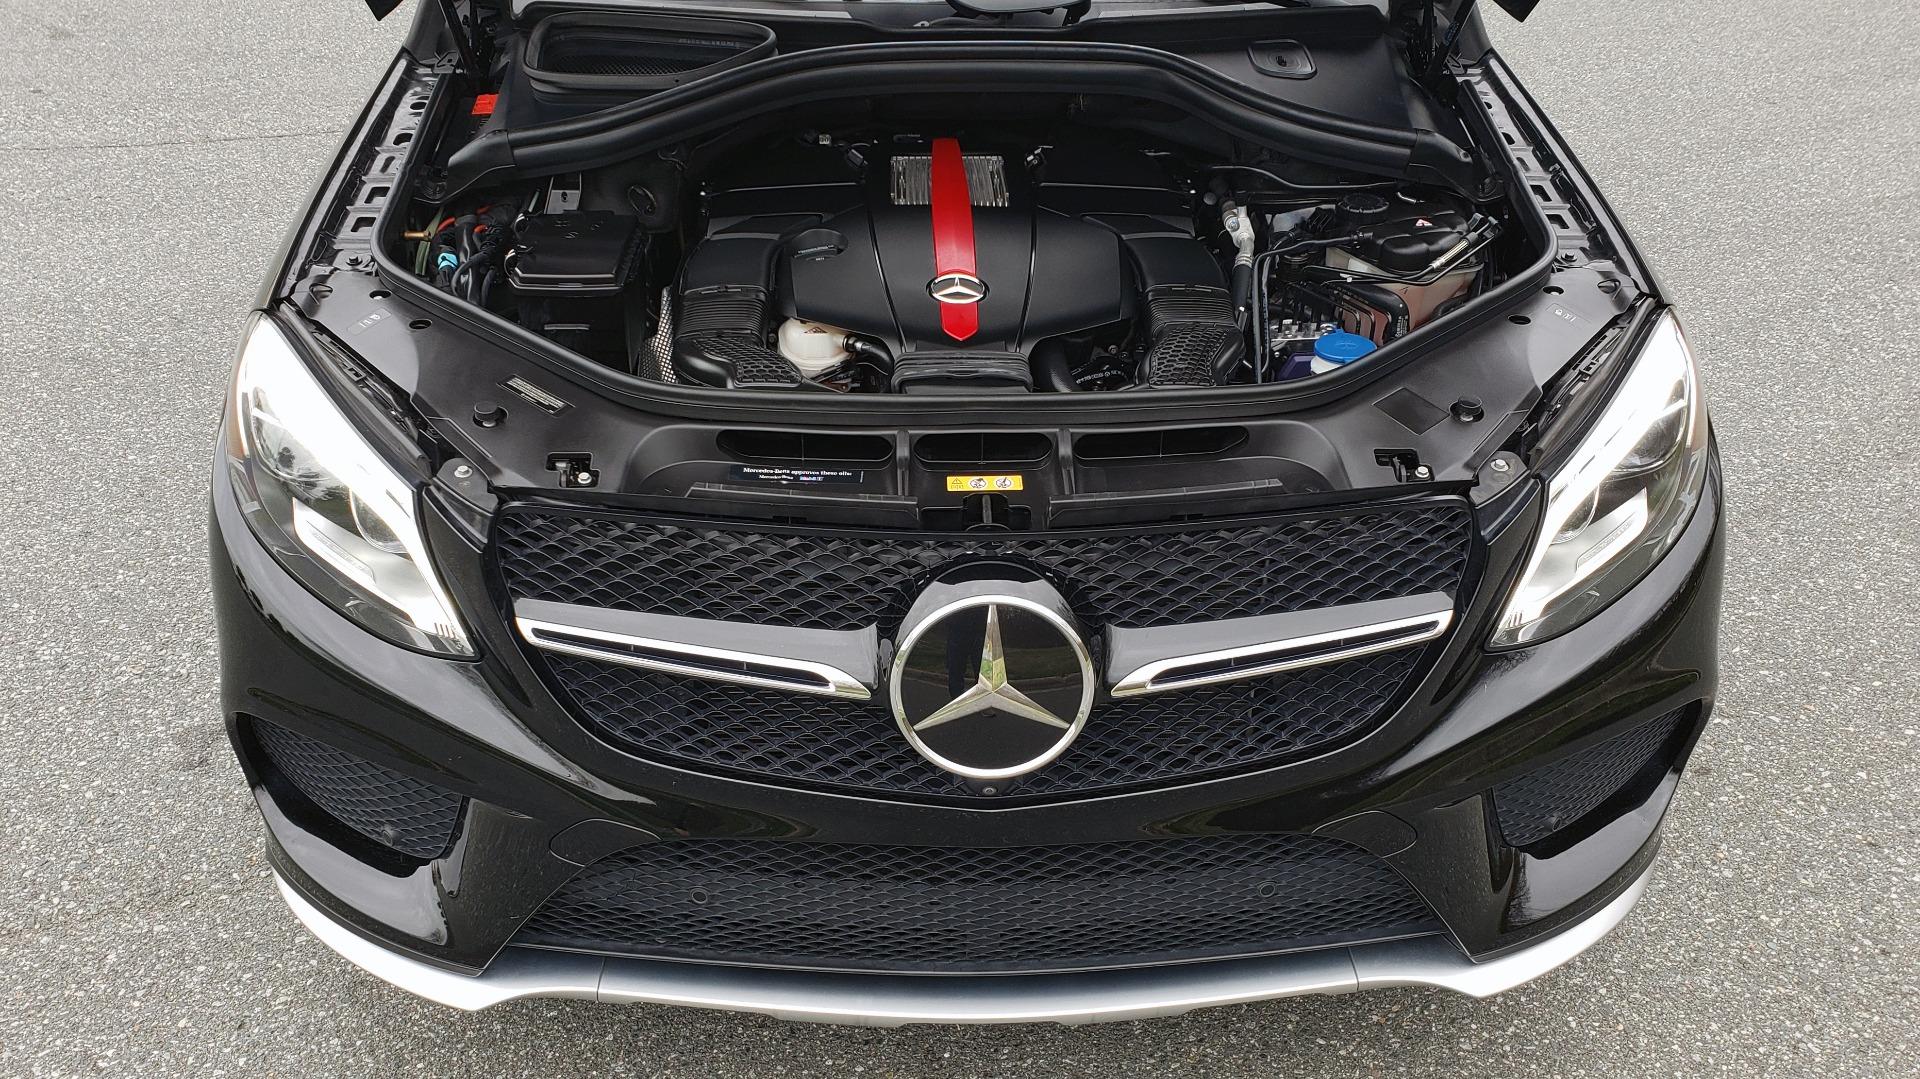 Used 2016 Mercedes-Benz GLE 450 AMG / AWD / PREM PKG / PARK ASST / DRVR ASST / SUNROOF for sale Sold at Formula Imports in Charlotte NC 28227 12